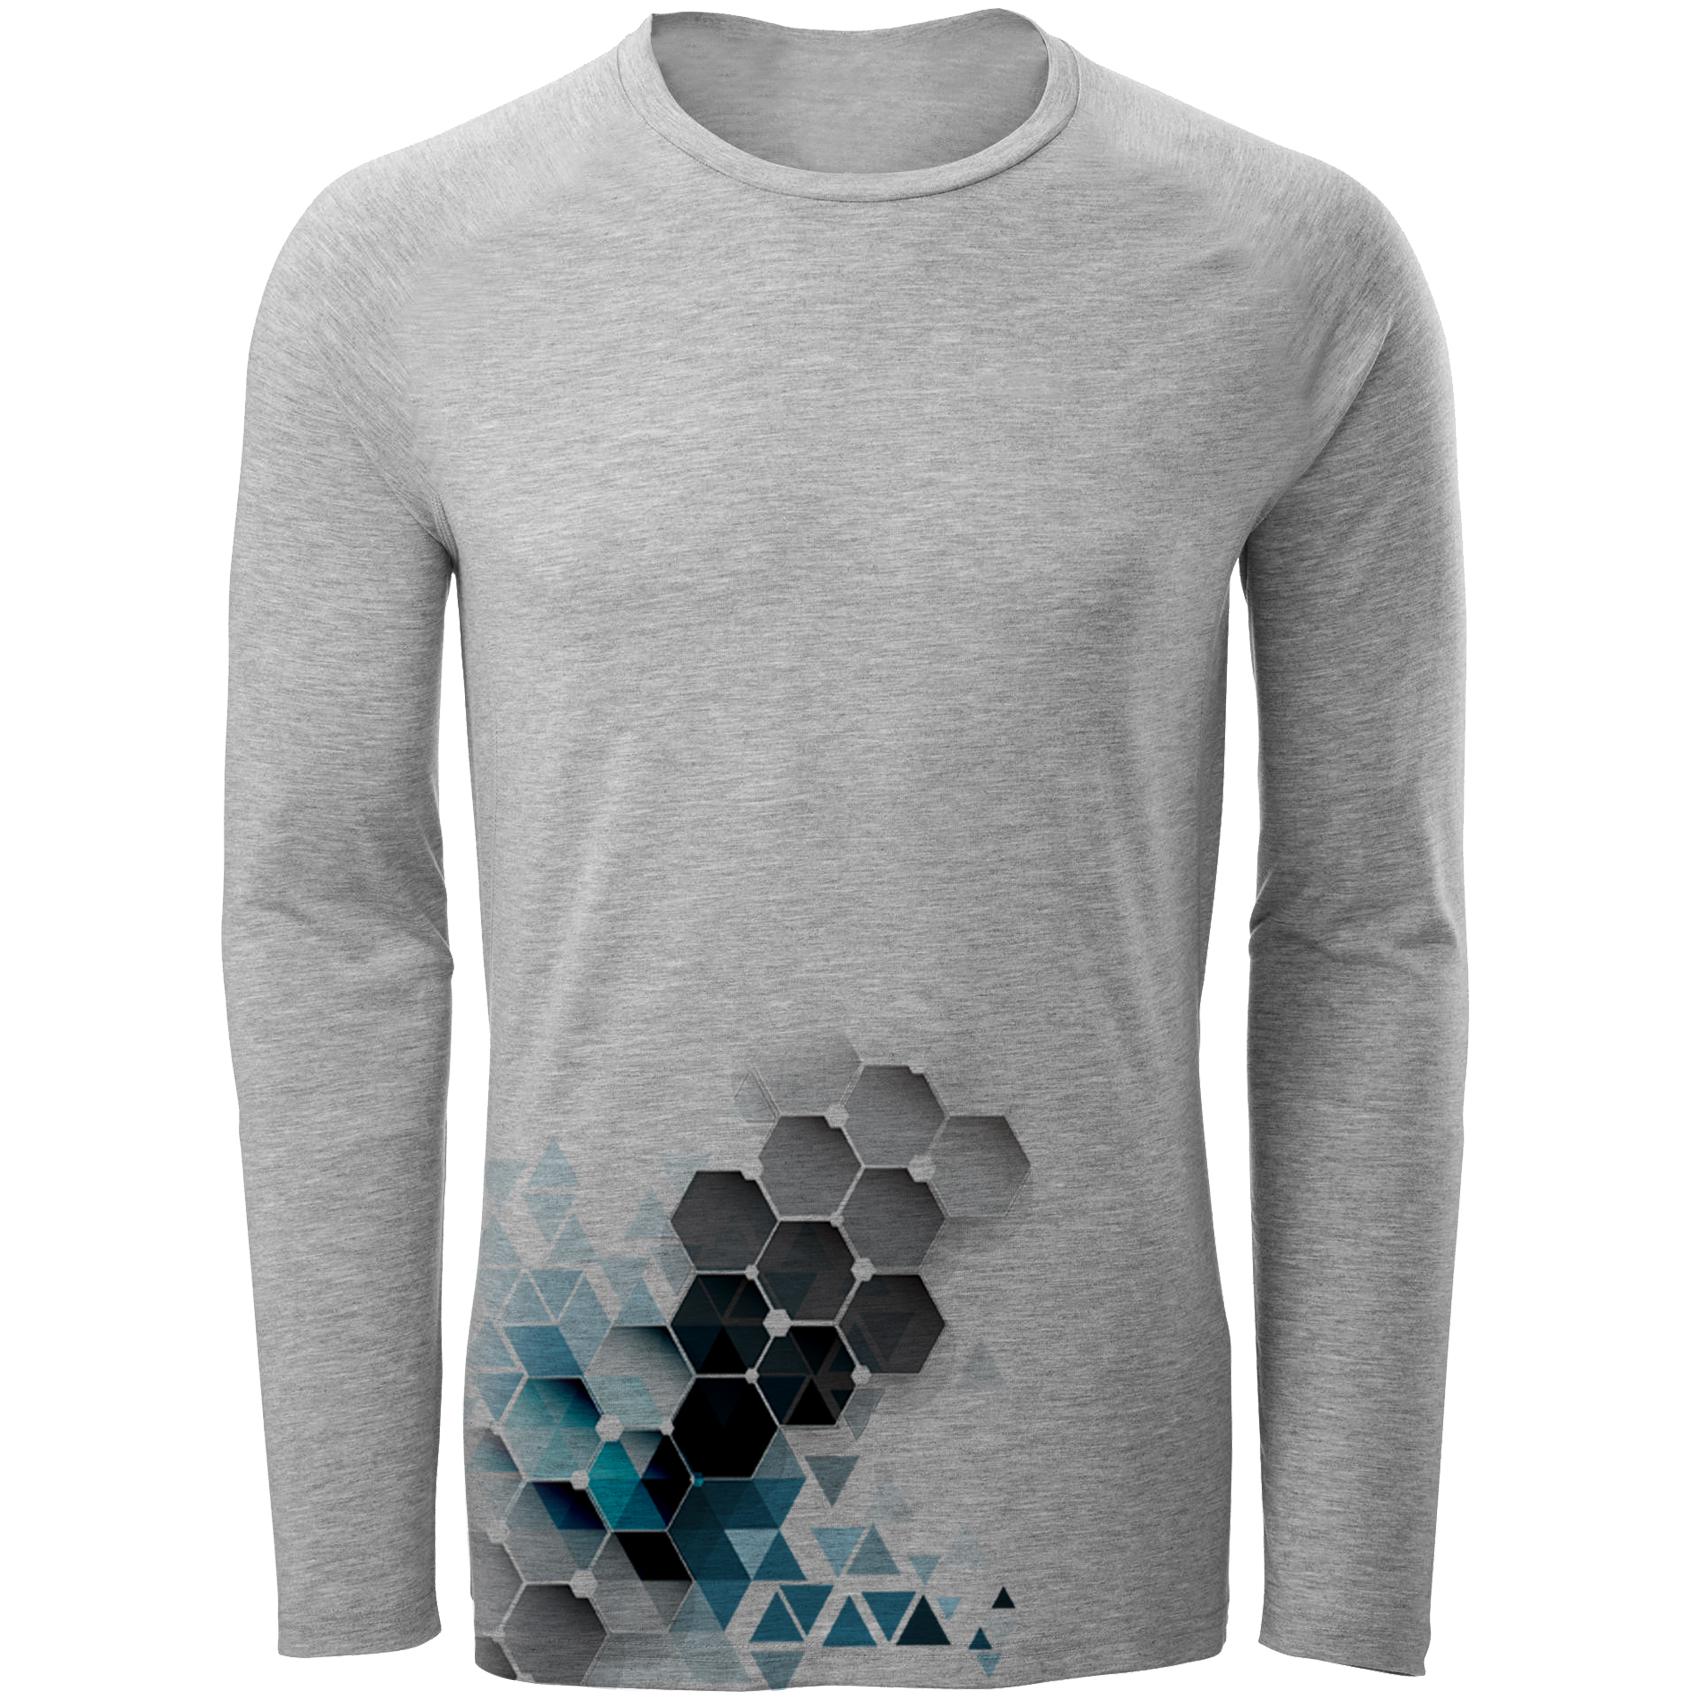 قیمت تیشرت آستین بلند مردانه مدل انتزاعی3 کد A16